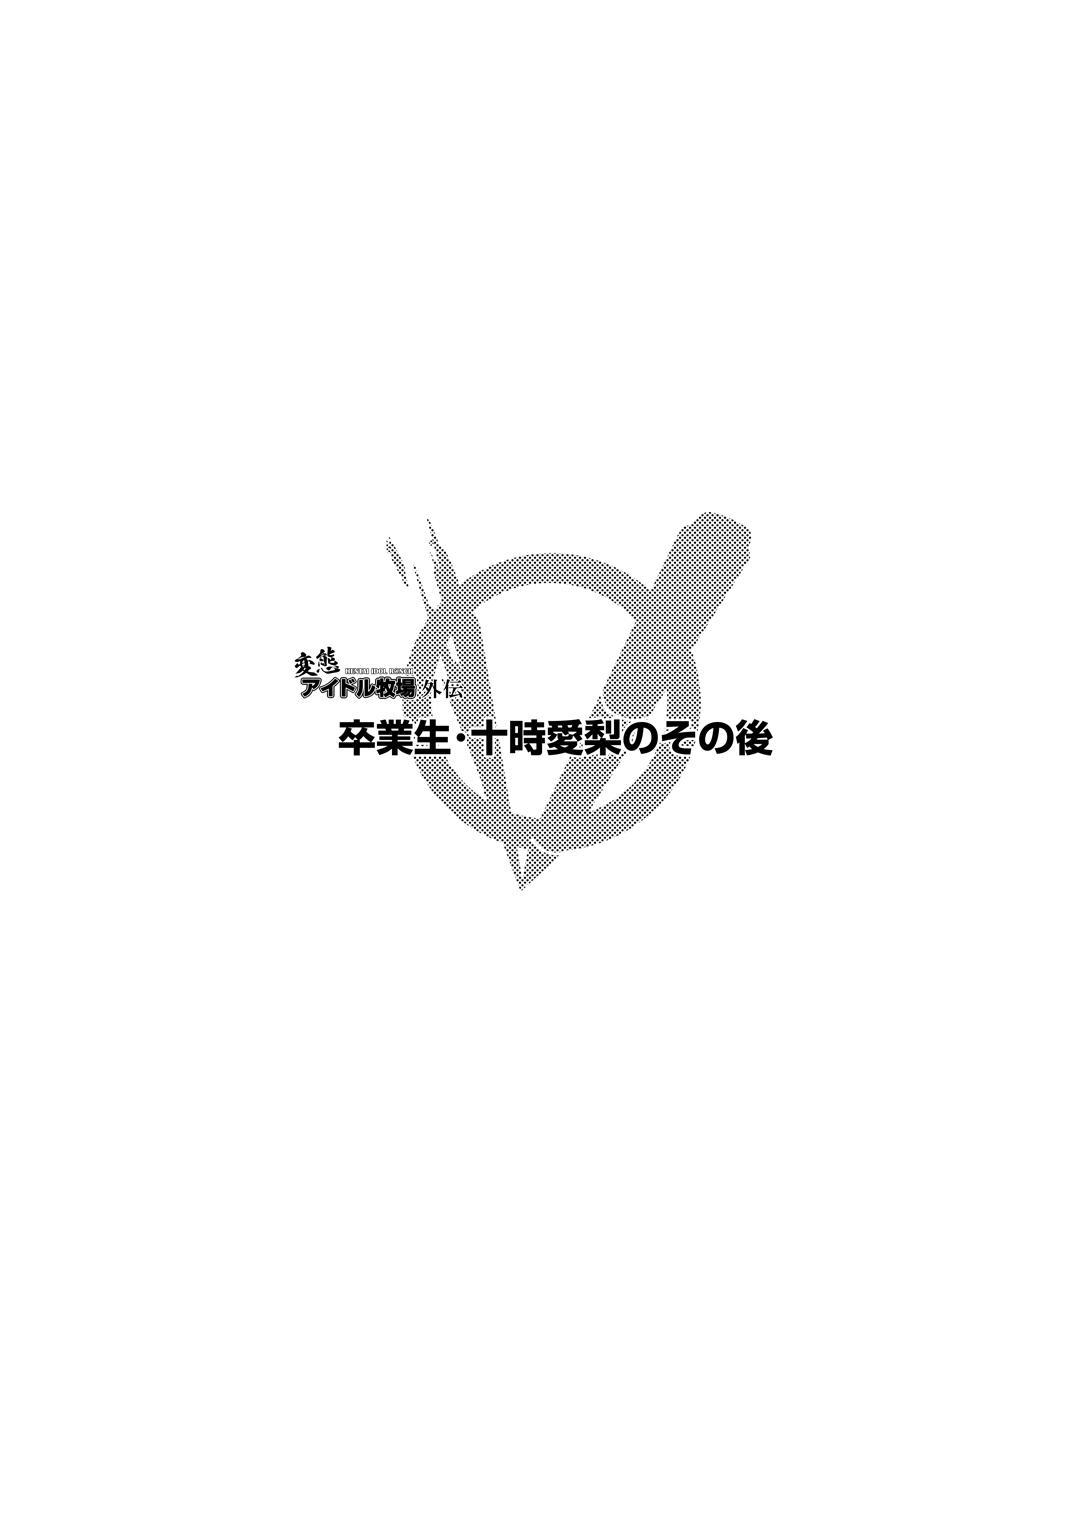 Hentai Idol Bokujou 37